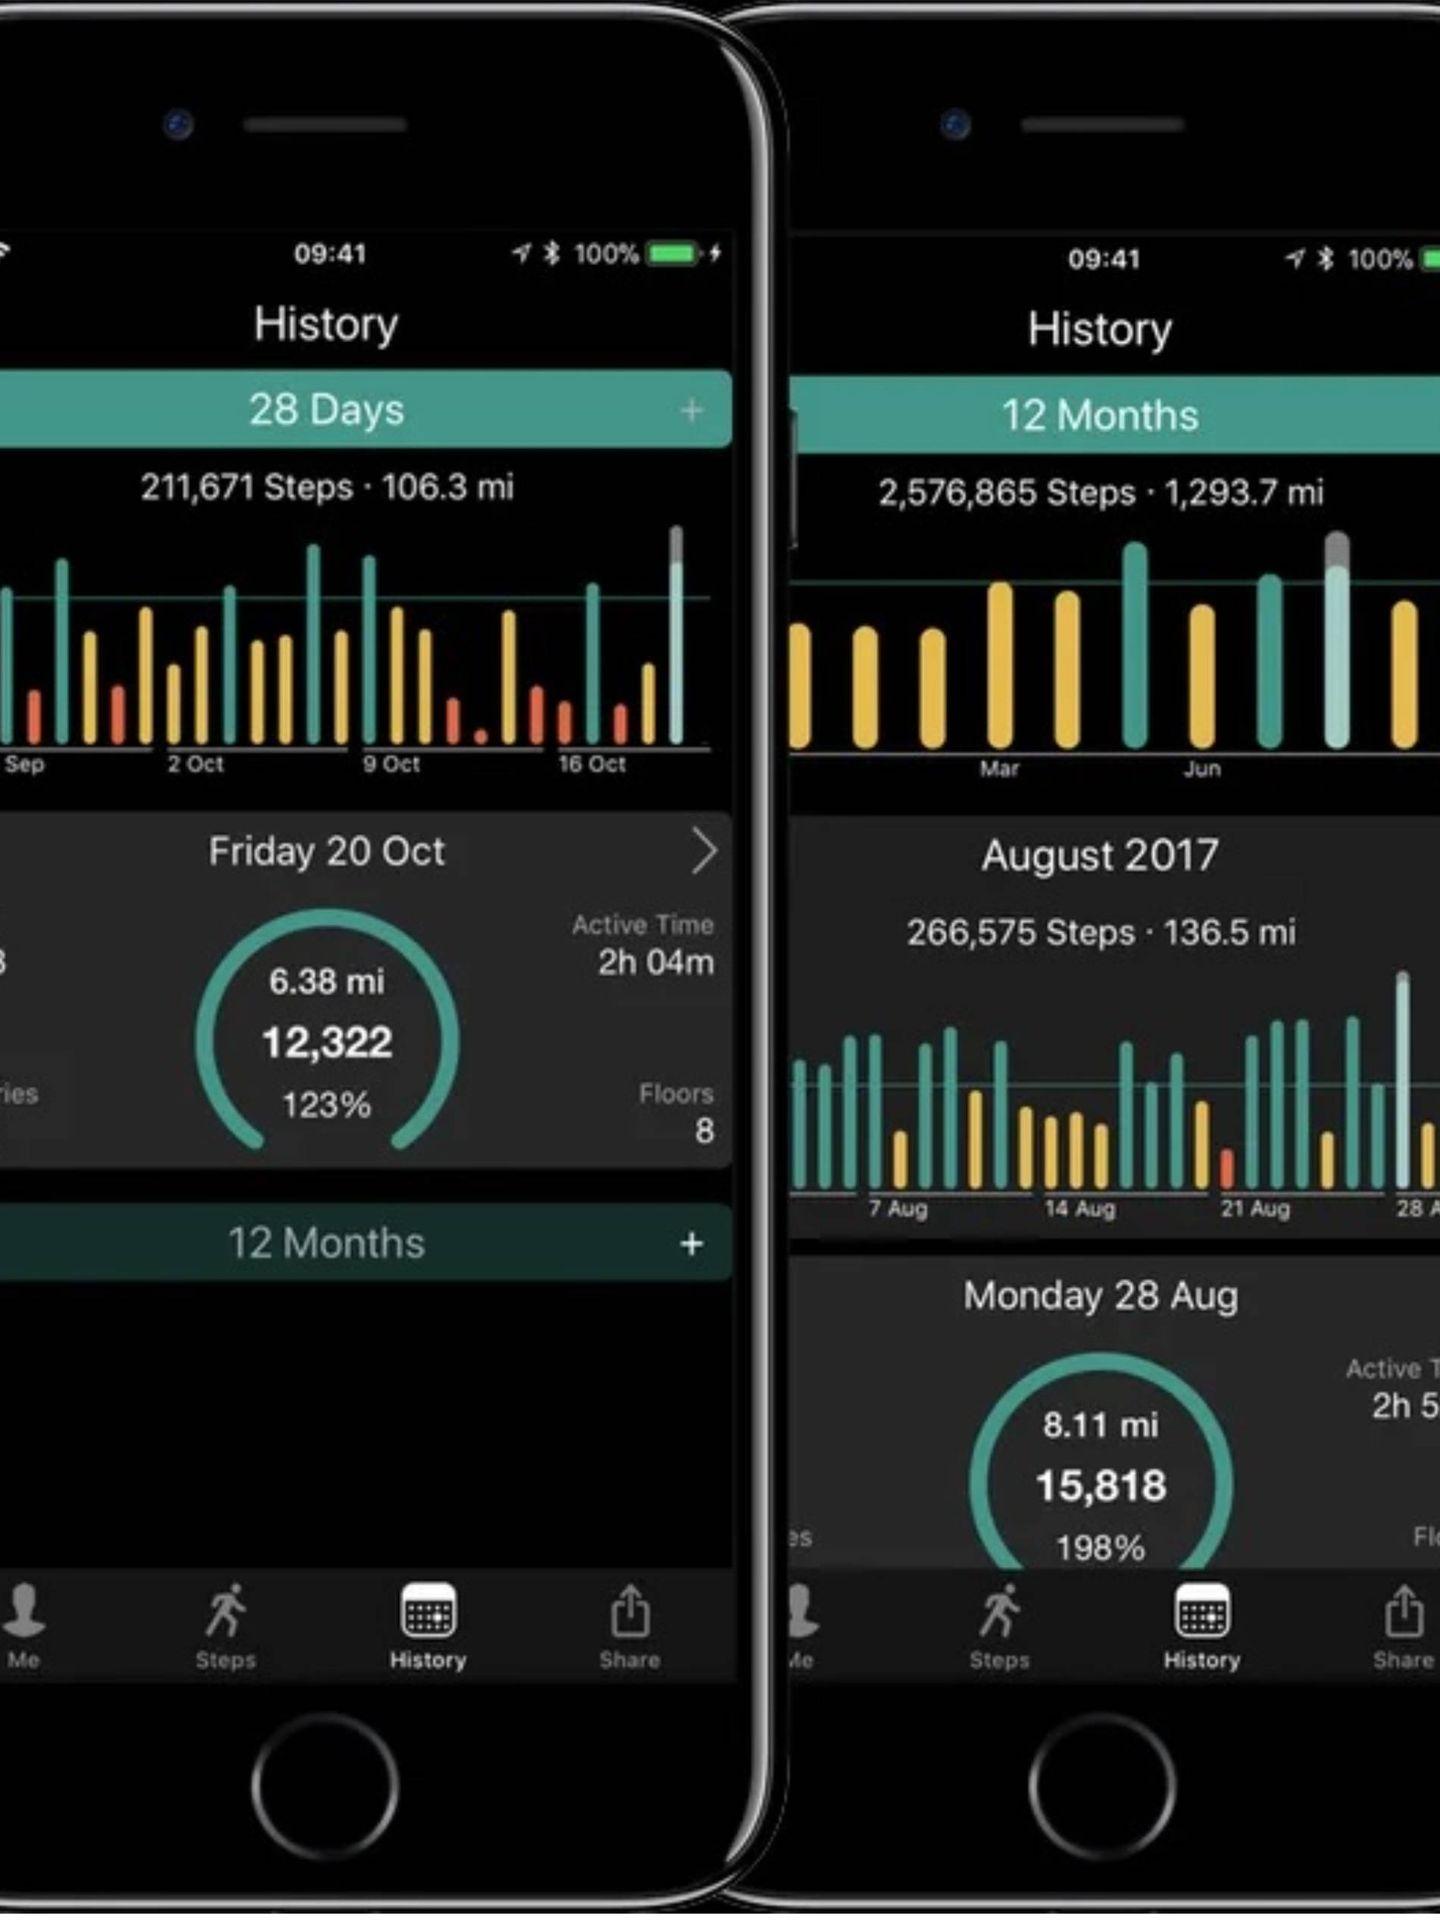 Descarga esta app en App Store para controlar tus progresos caminando. (Cortesía)